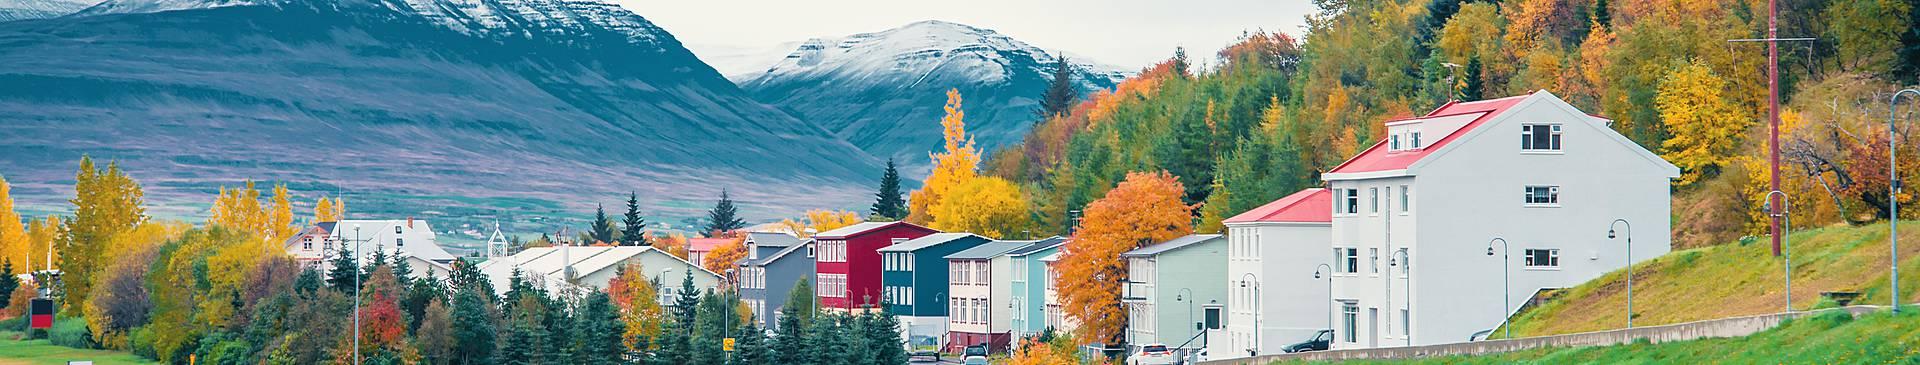 Viaggi in Islanda in autunno